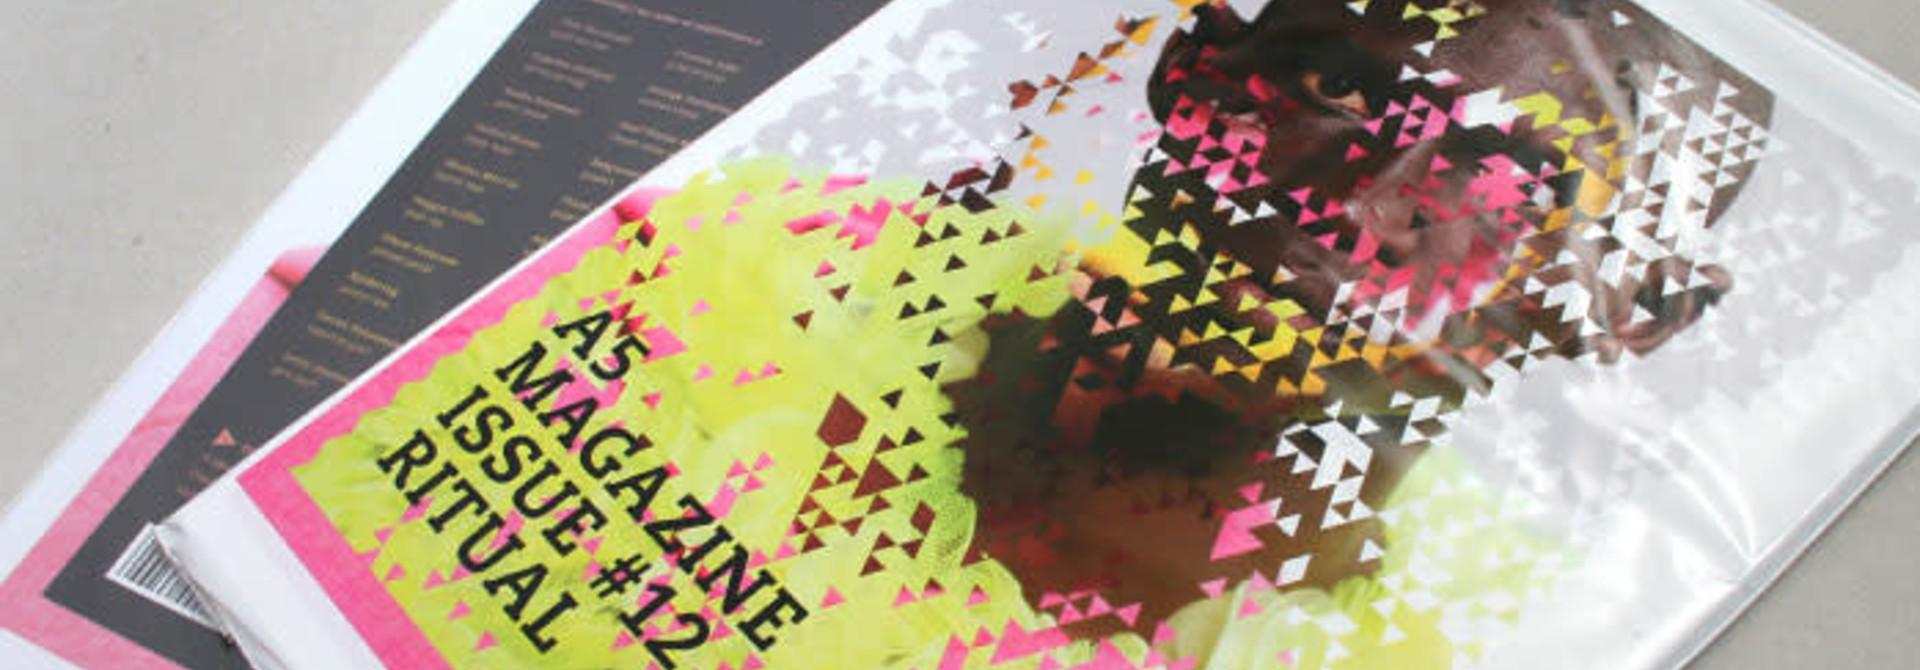 A5 Magazine • no 12 - Ritual